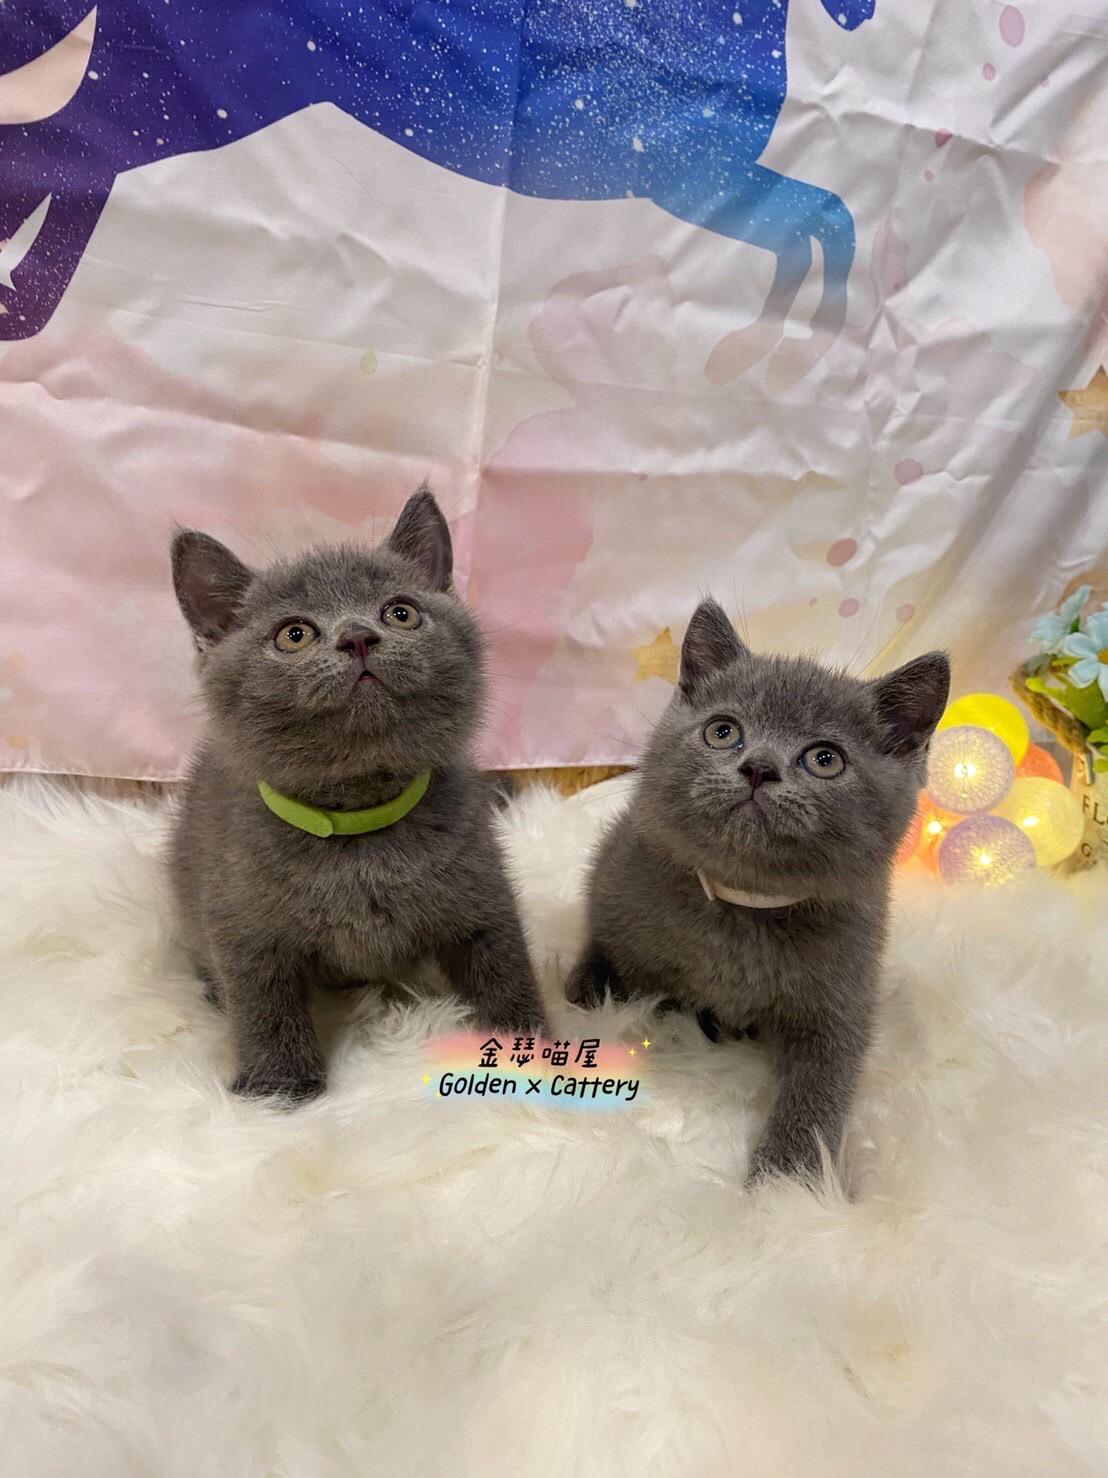 金瑟喵屋/超級包子臉 全藍英國短毛貓